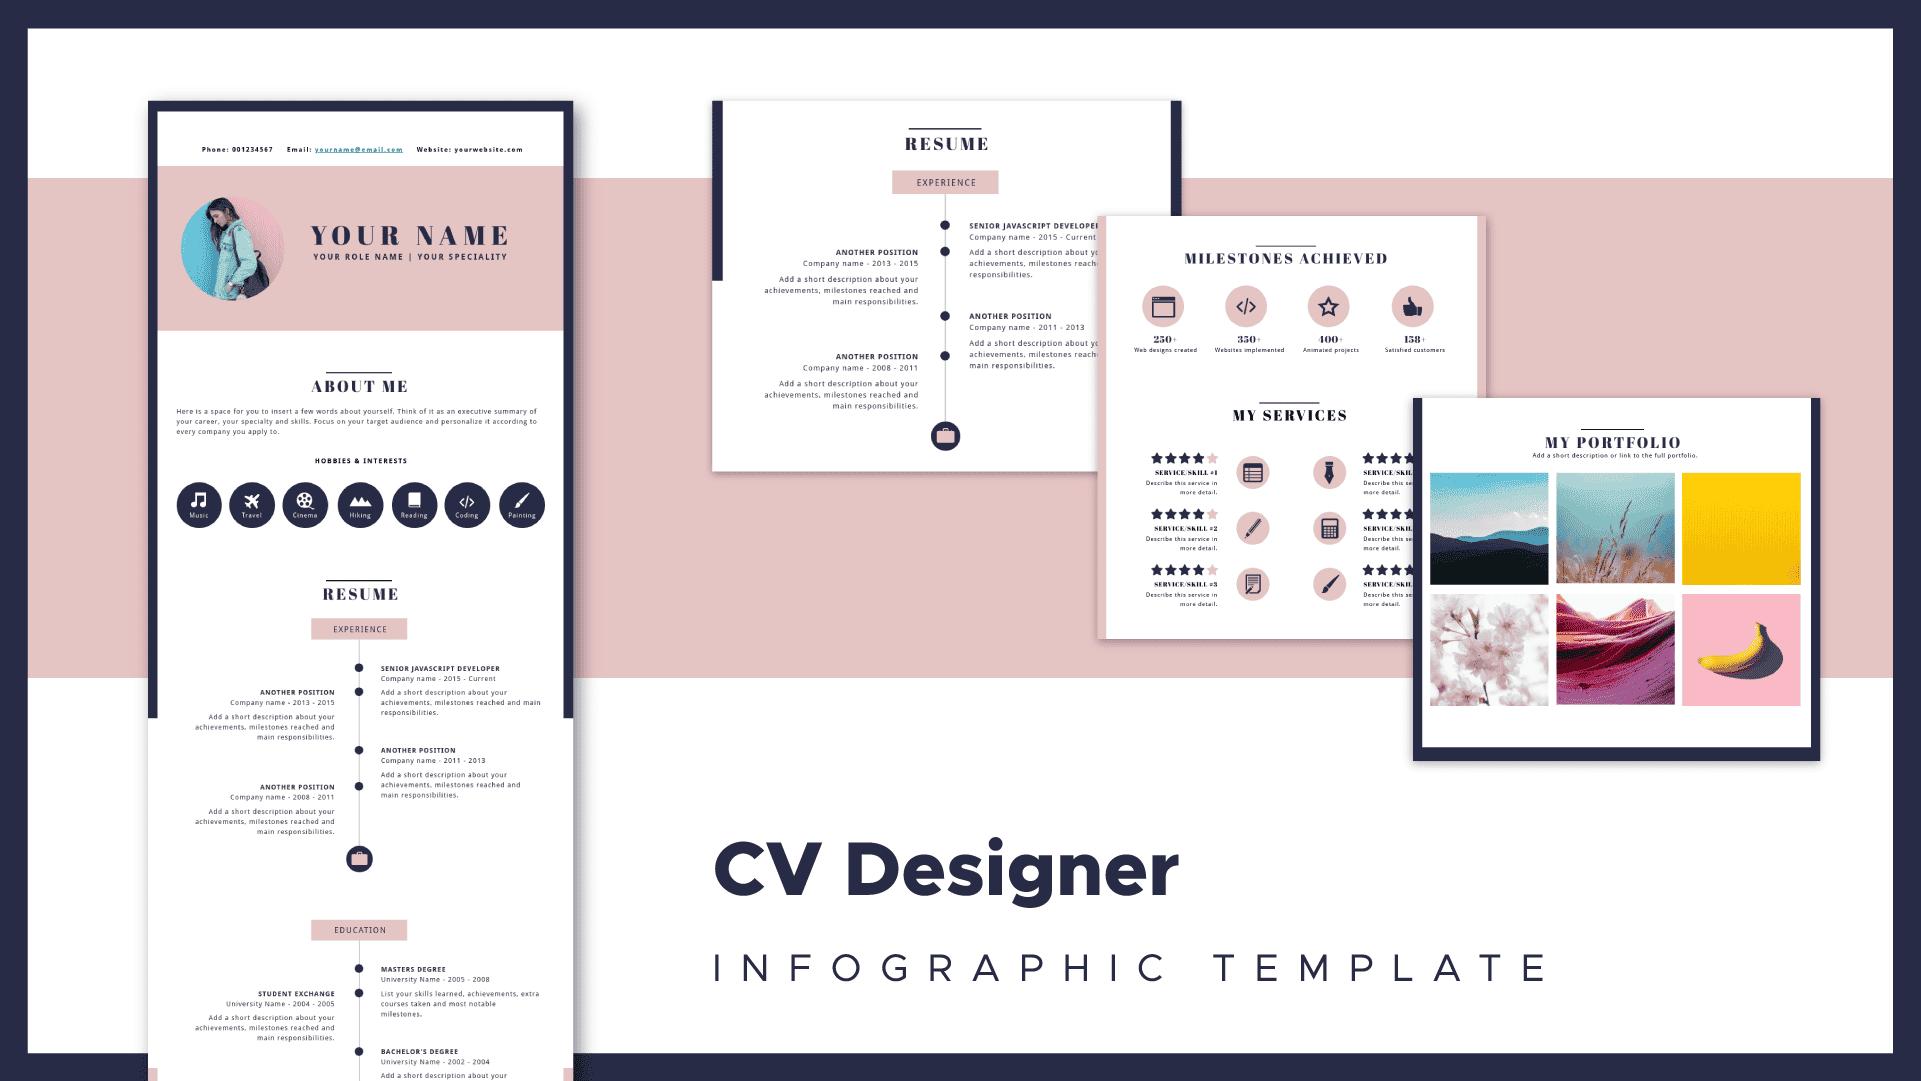 designer resume template, designer resume piktochart